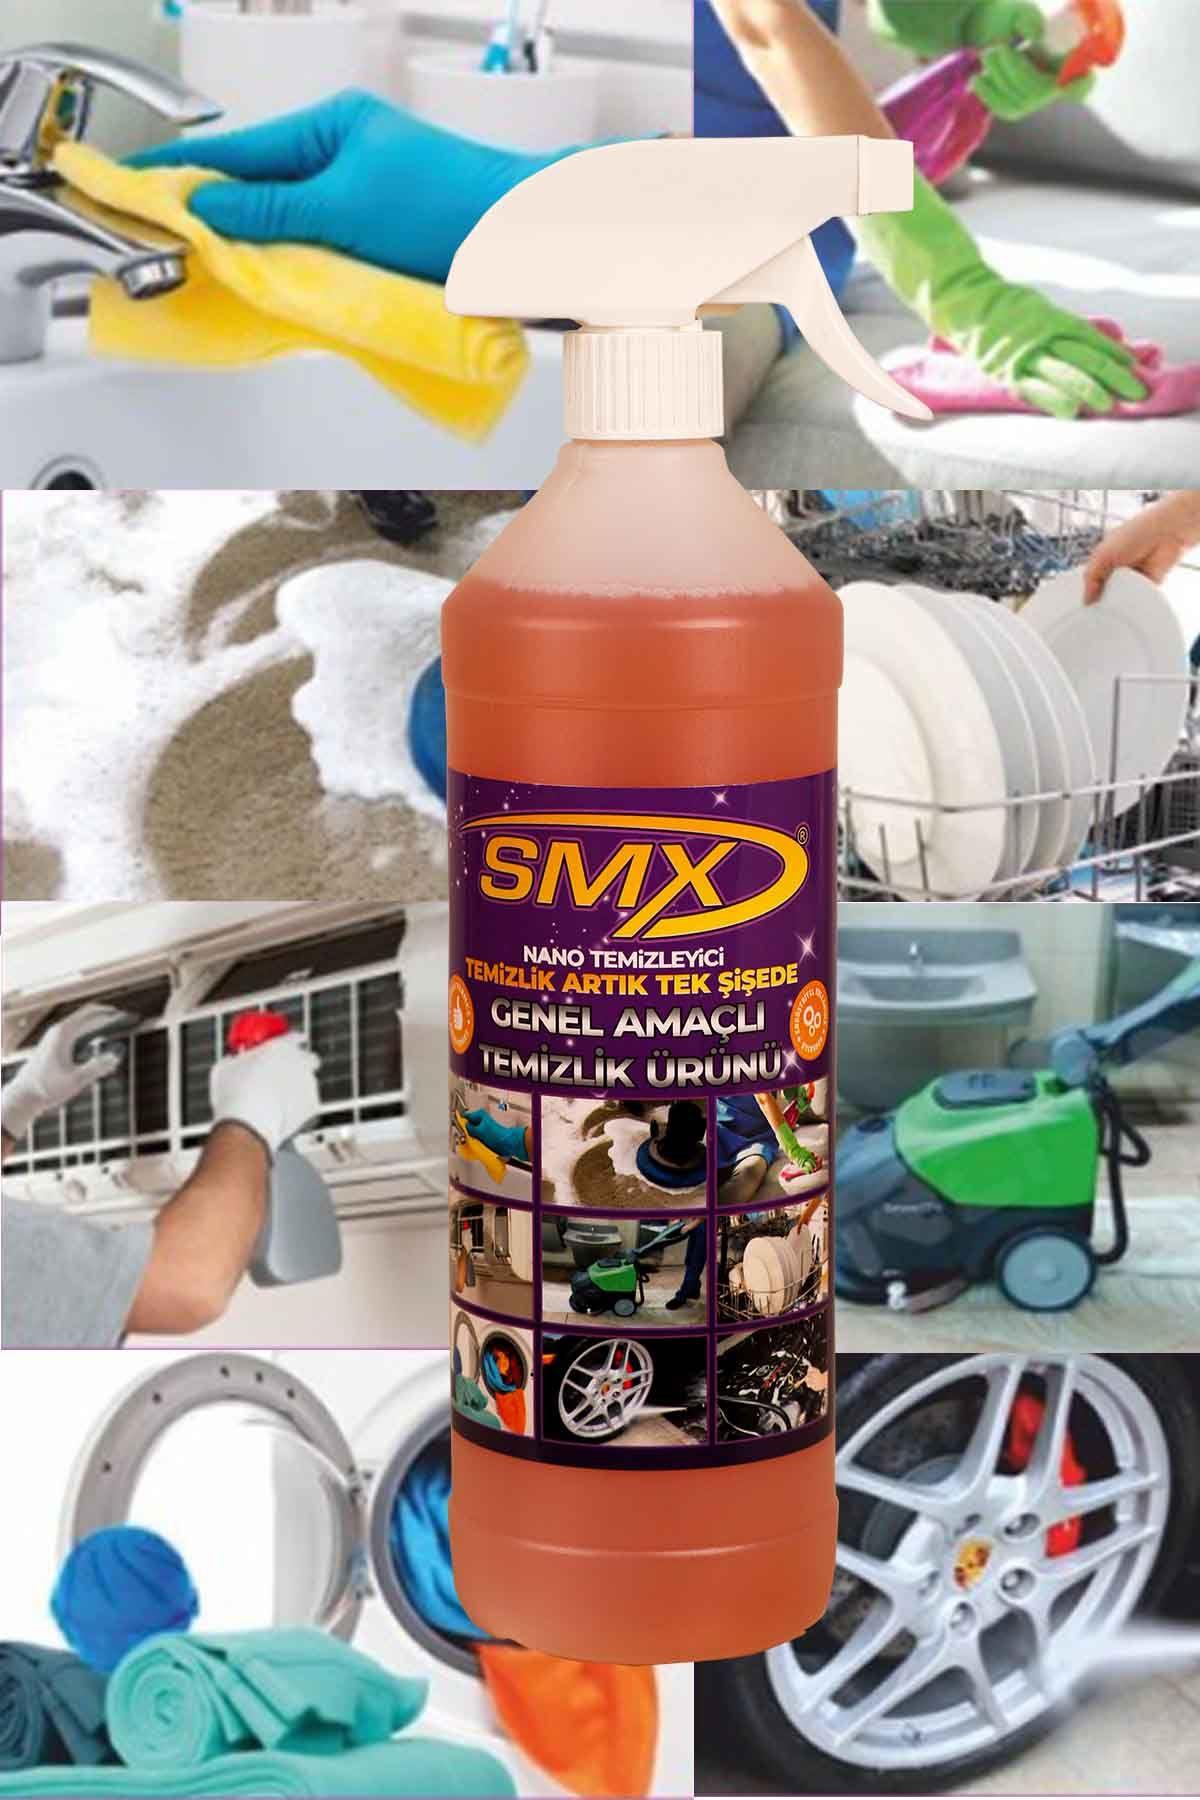 SMX Nano Genel Amaçlı Temizleyici / Banyo Temizleyici / Fayans Temizleyici / Derz Temizleyici (5 LT) / EV TEMİZLİK SETİ-2